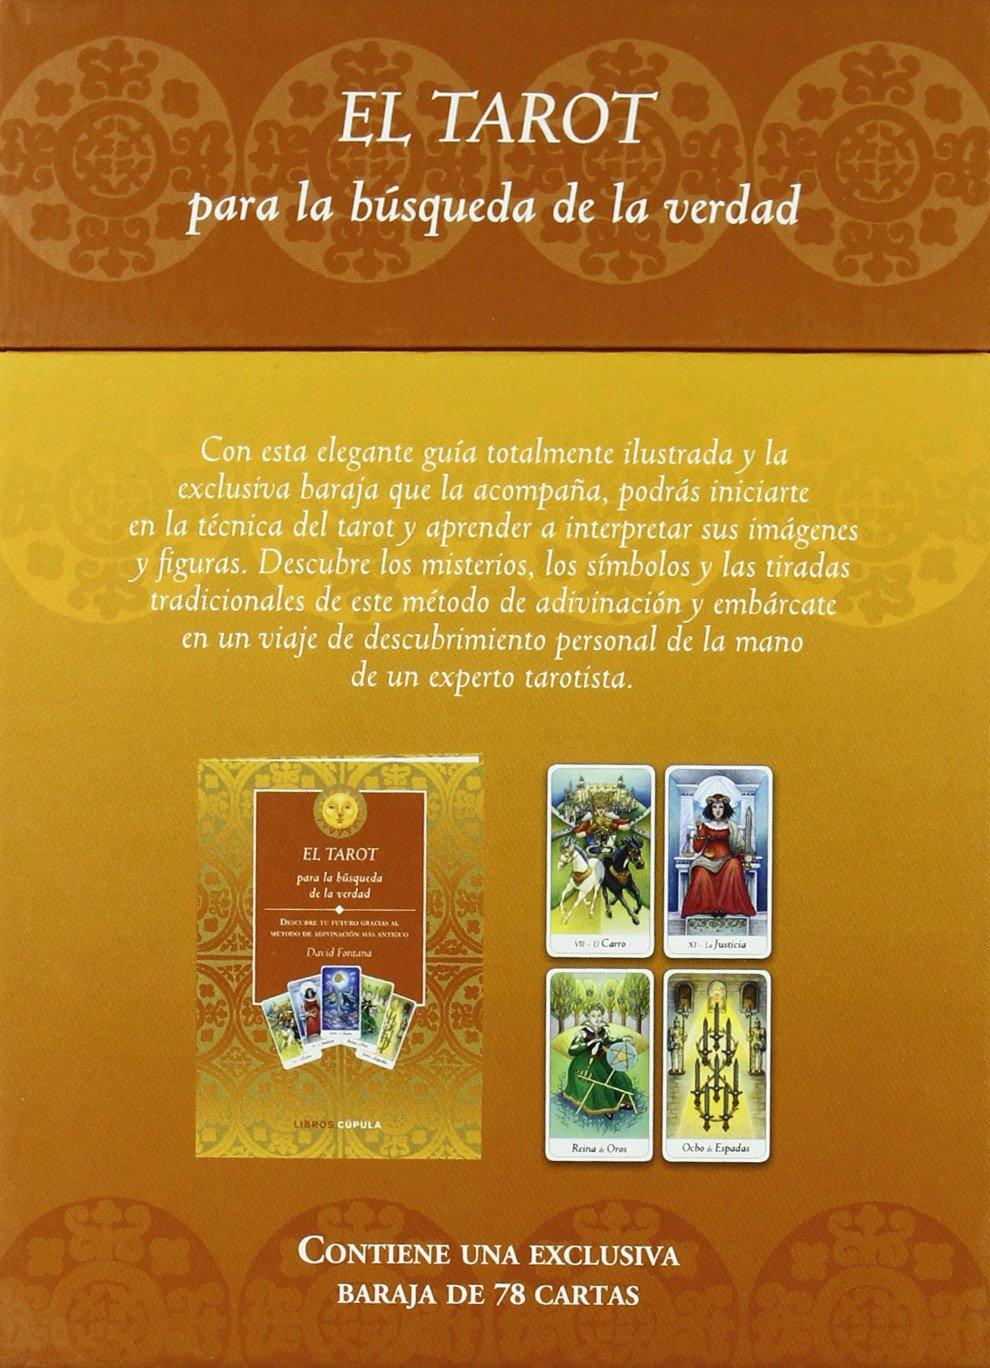 El tarot para la búsqueda de la verdad: David Fontana: 9788448067632: Amazon.com: Books